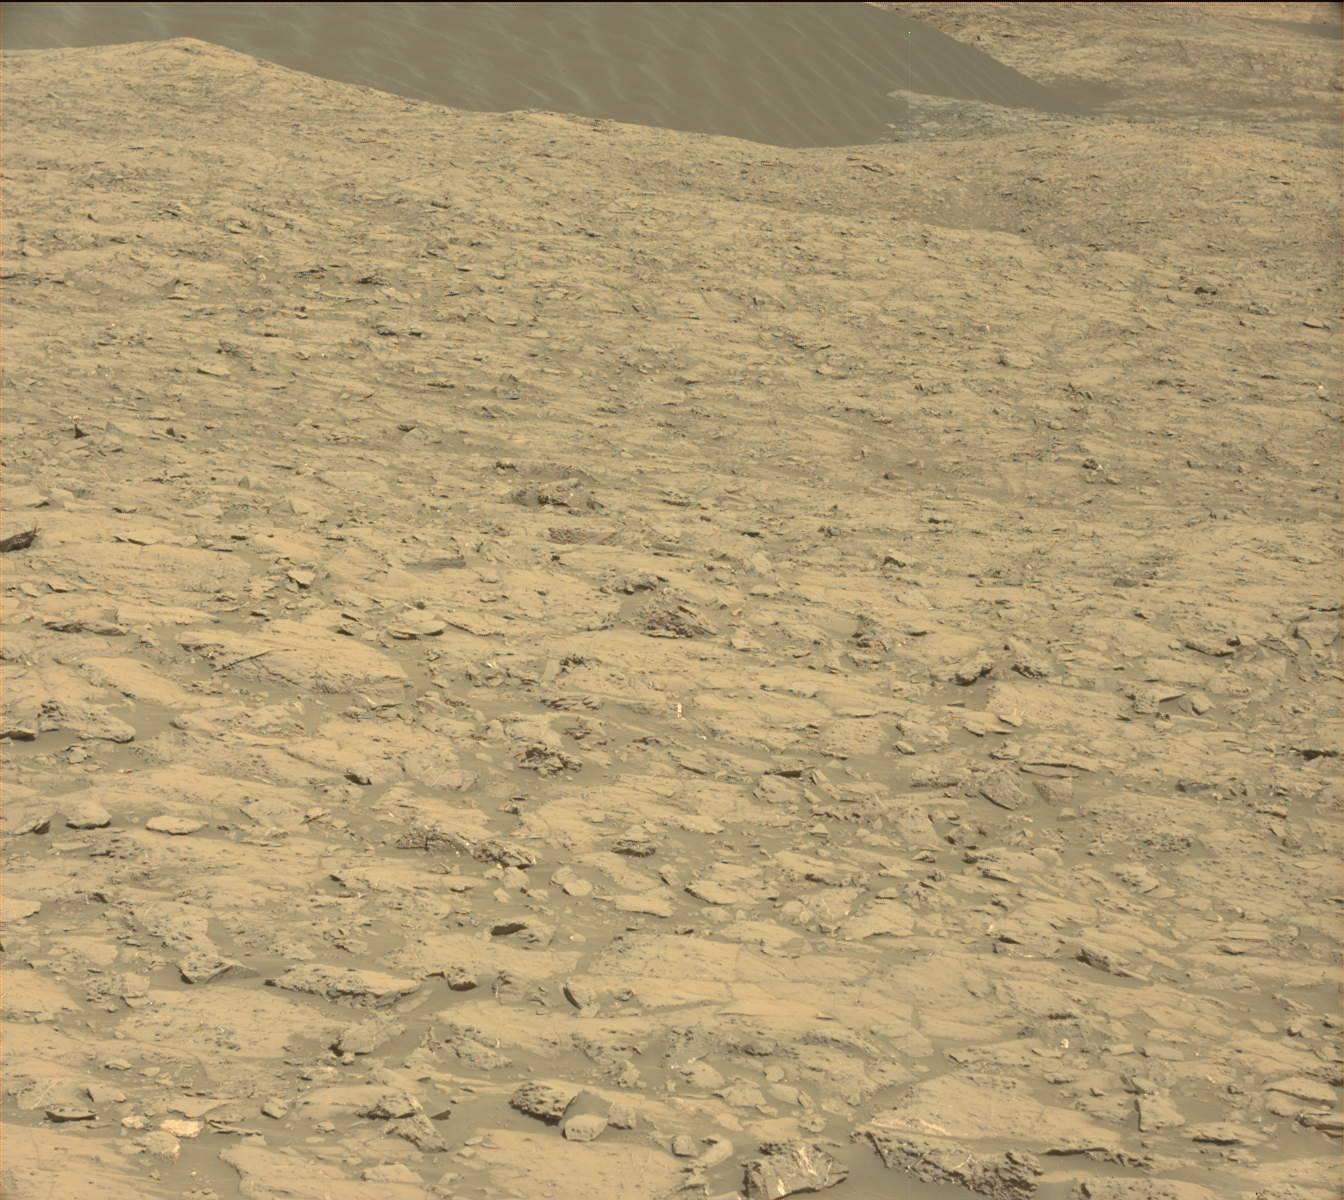 Sol 1168 Mastcam